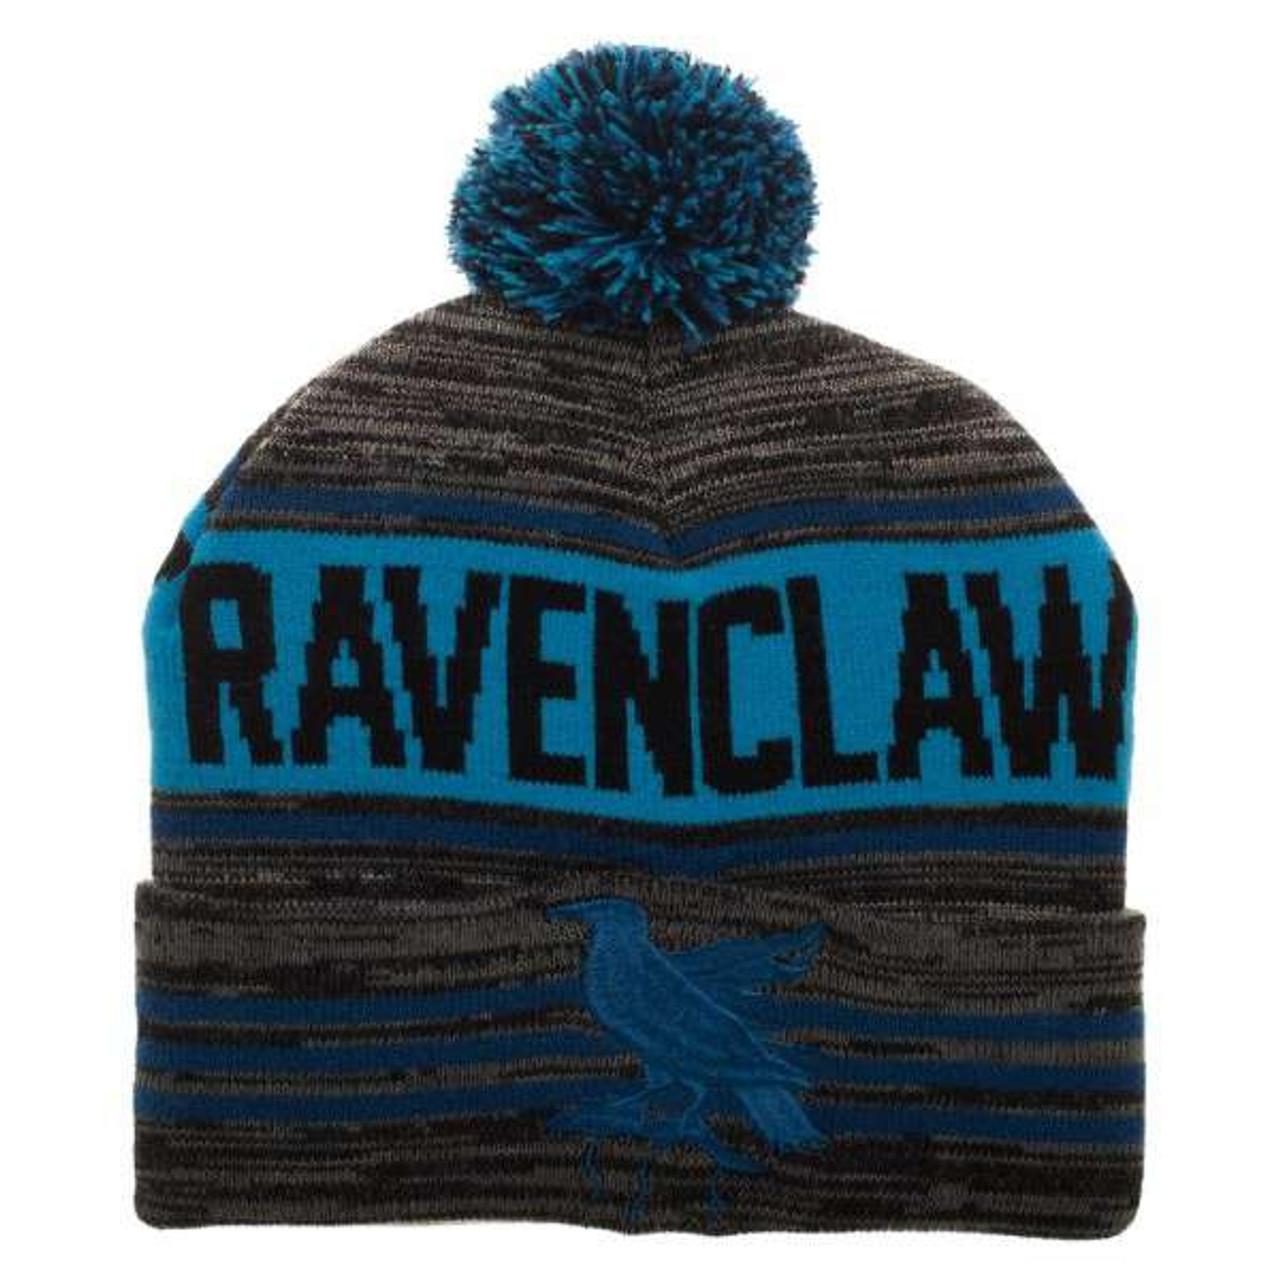 33d7235565f Harry Potter Harry Potter Ravenclaw Pom Knit Beanie Hat Bioworld - ToyWiz